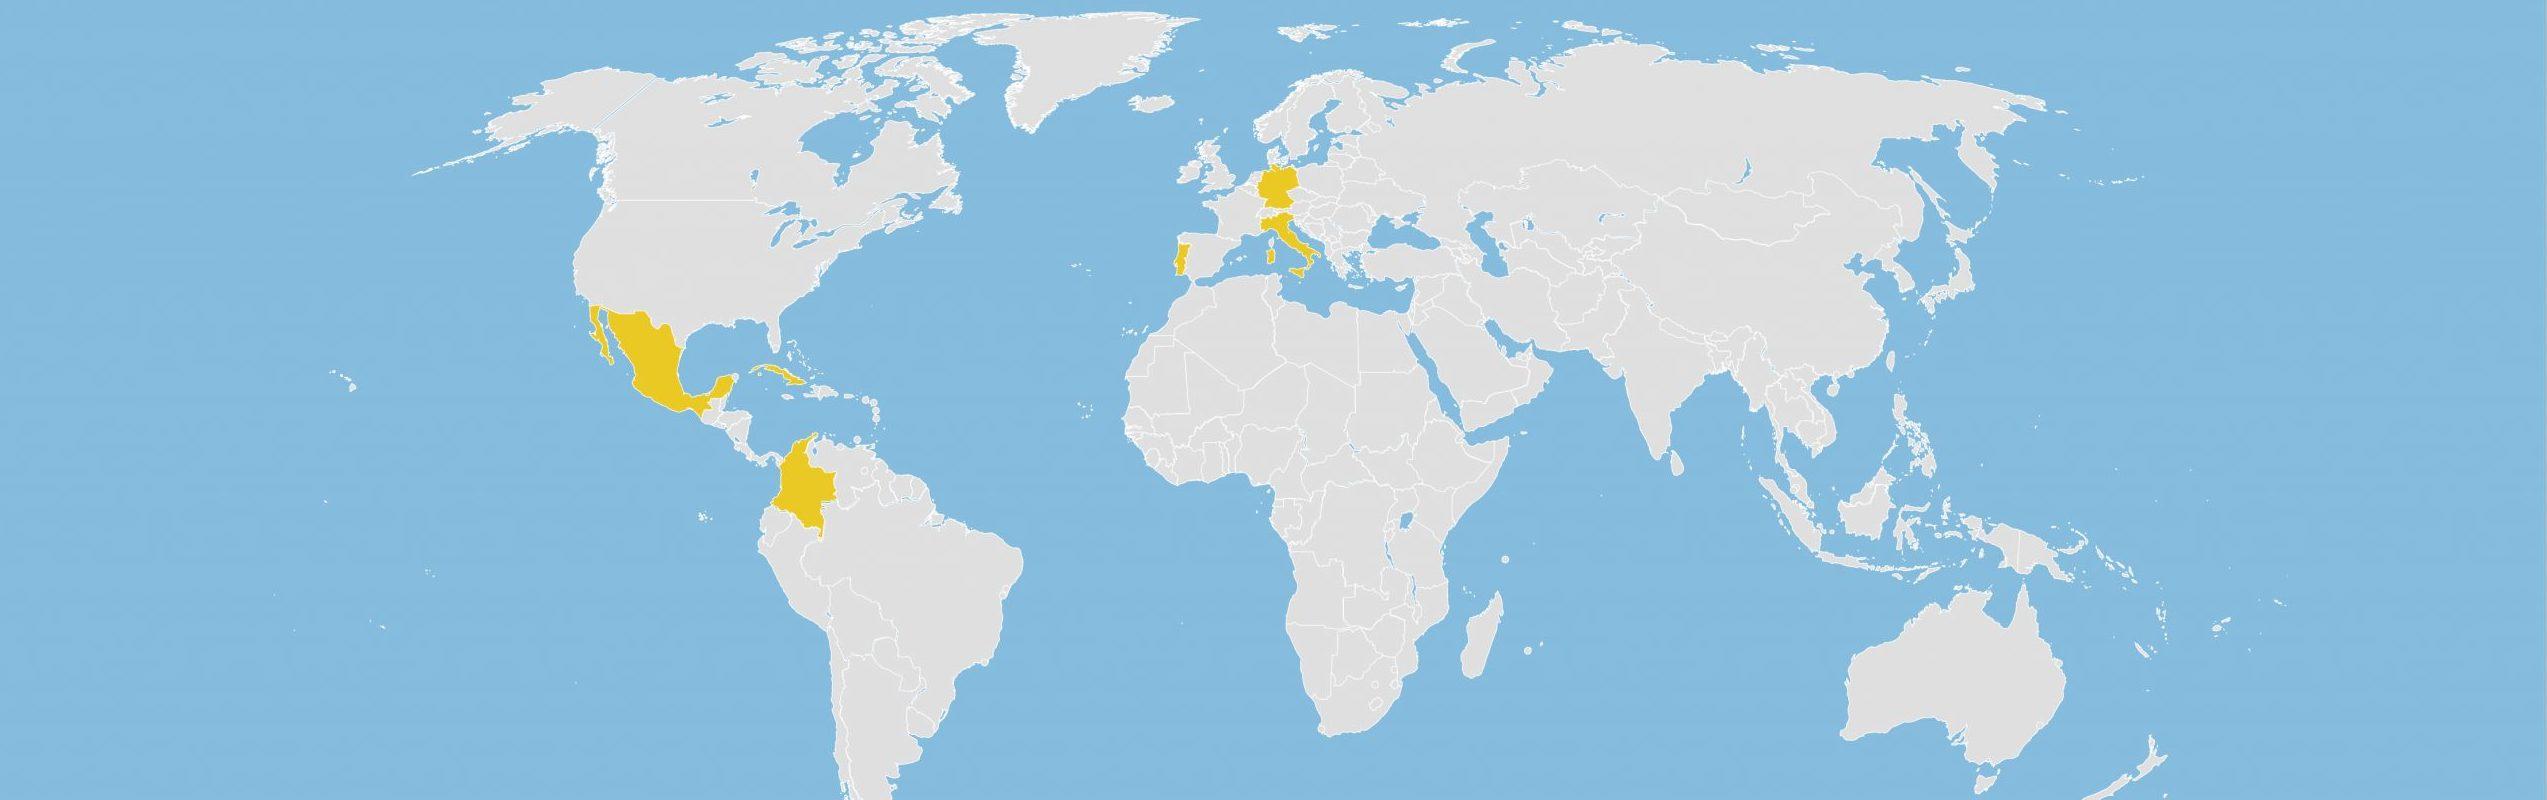 Conosciamo personalmente tutti i nostri candidati, siamo in costante contatto con loro e li accompagniamo durante l'intero processo, per garantire un´ integrazione facile e sostenibile nelle aziende tedesche. La nostra assistenza completa e accurata – soprattutto attraverso il nostro team di madrelingua – inizia con la selezione dei candidati nel loro paese d'origine, prosegue per tutto il corso di lingua e continua con il loro arrivo in Germania. Siamo in stretto contatto con i datori di lavoro, conosciamo molto bene le rispettive necessità nelle cliniche o nei reparti e possiamo quindi trovare per loro i migliori candidati possibili.